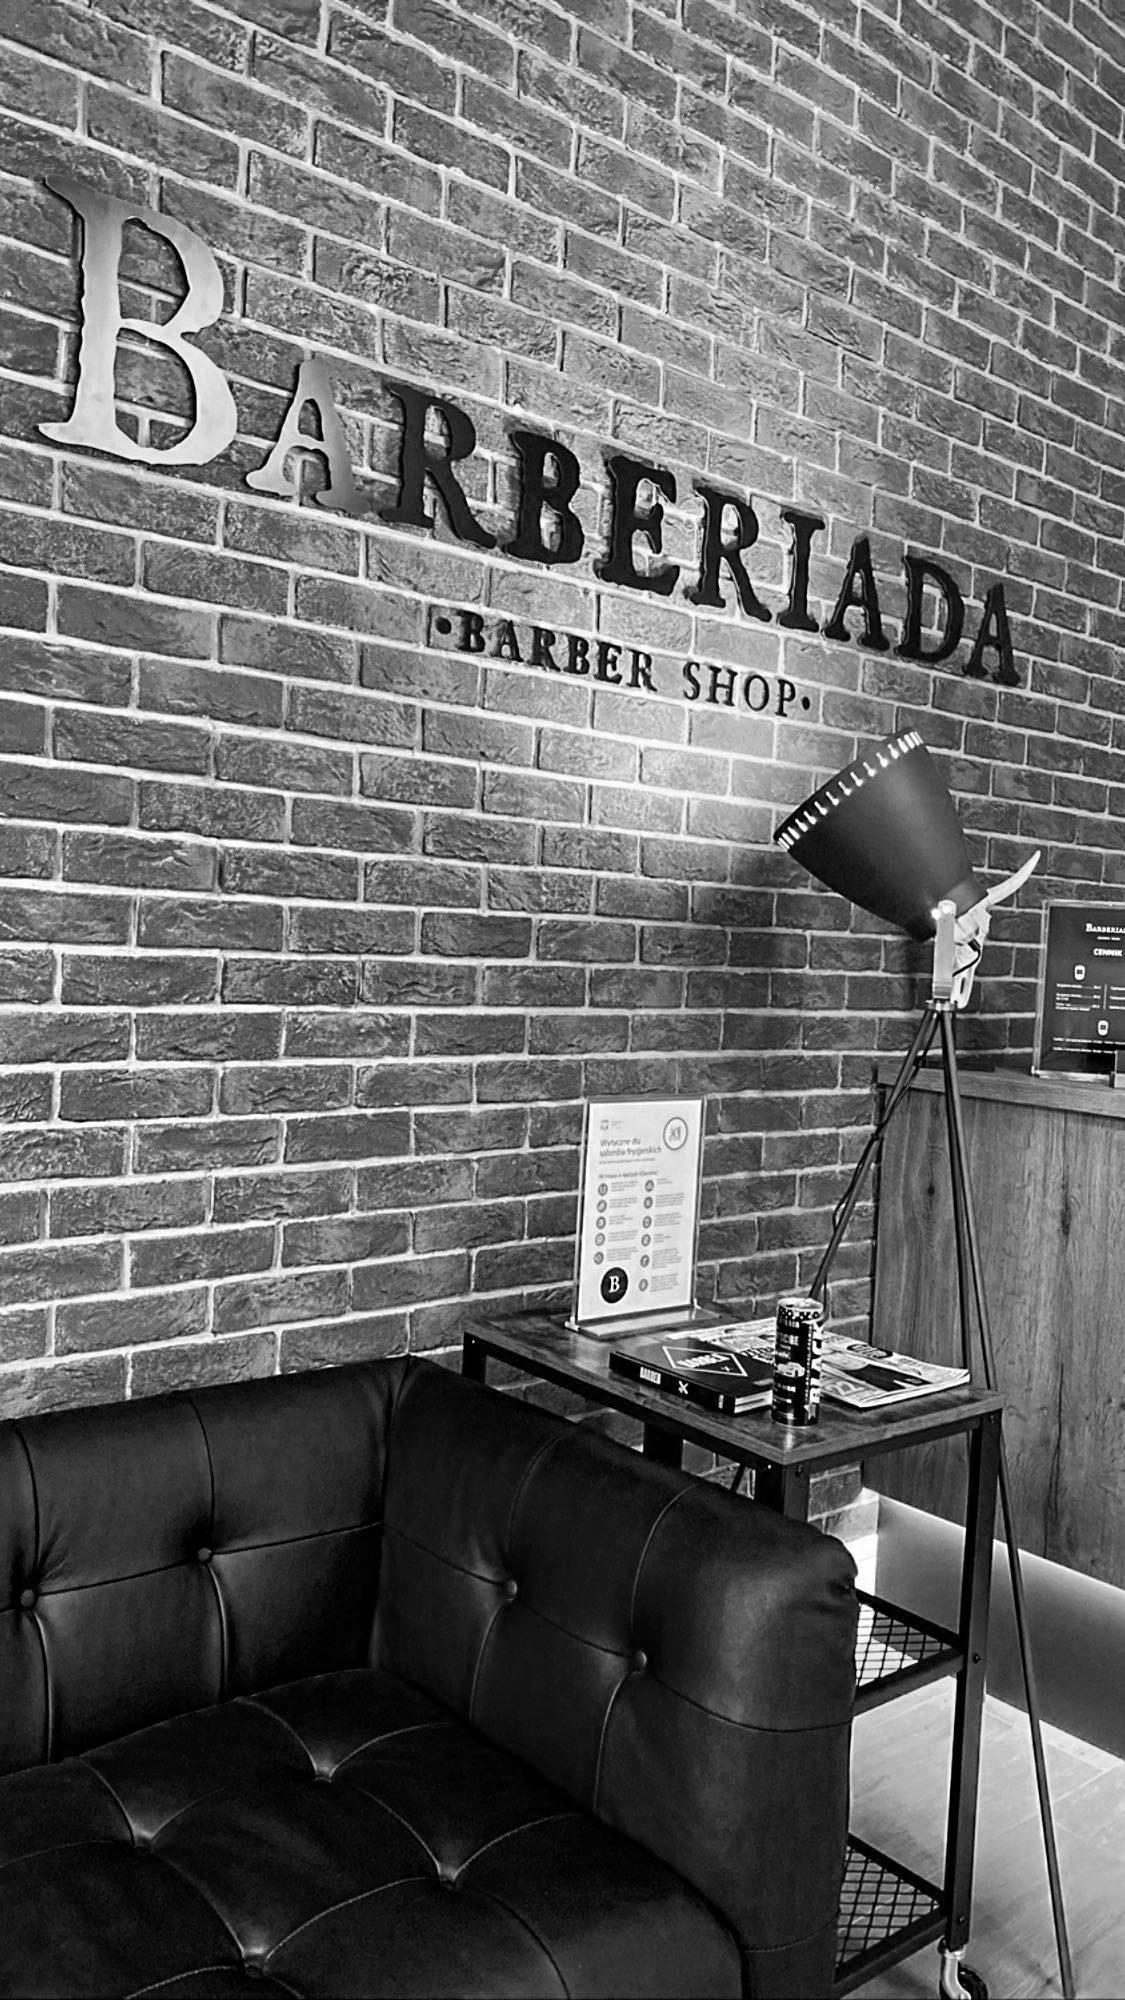 Barberiada Barber Shop recepcja